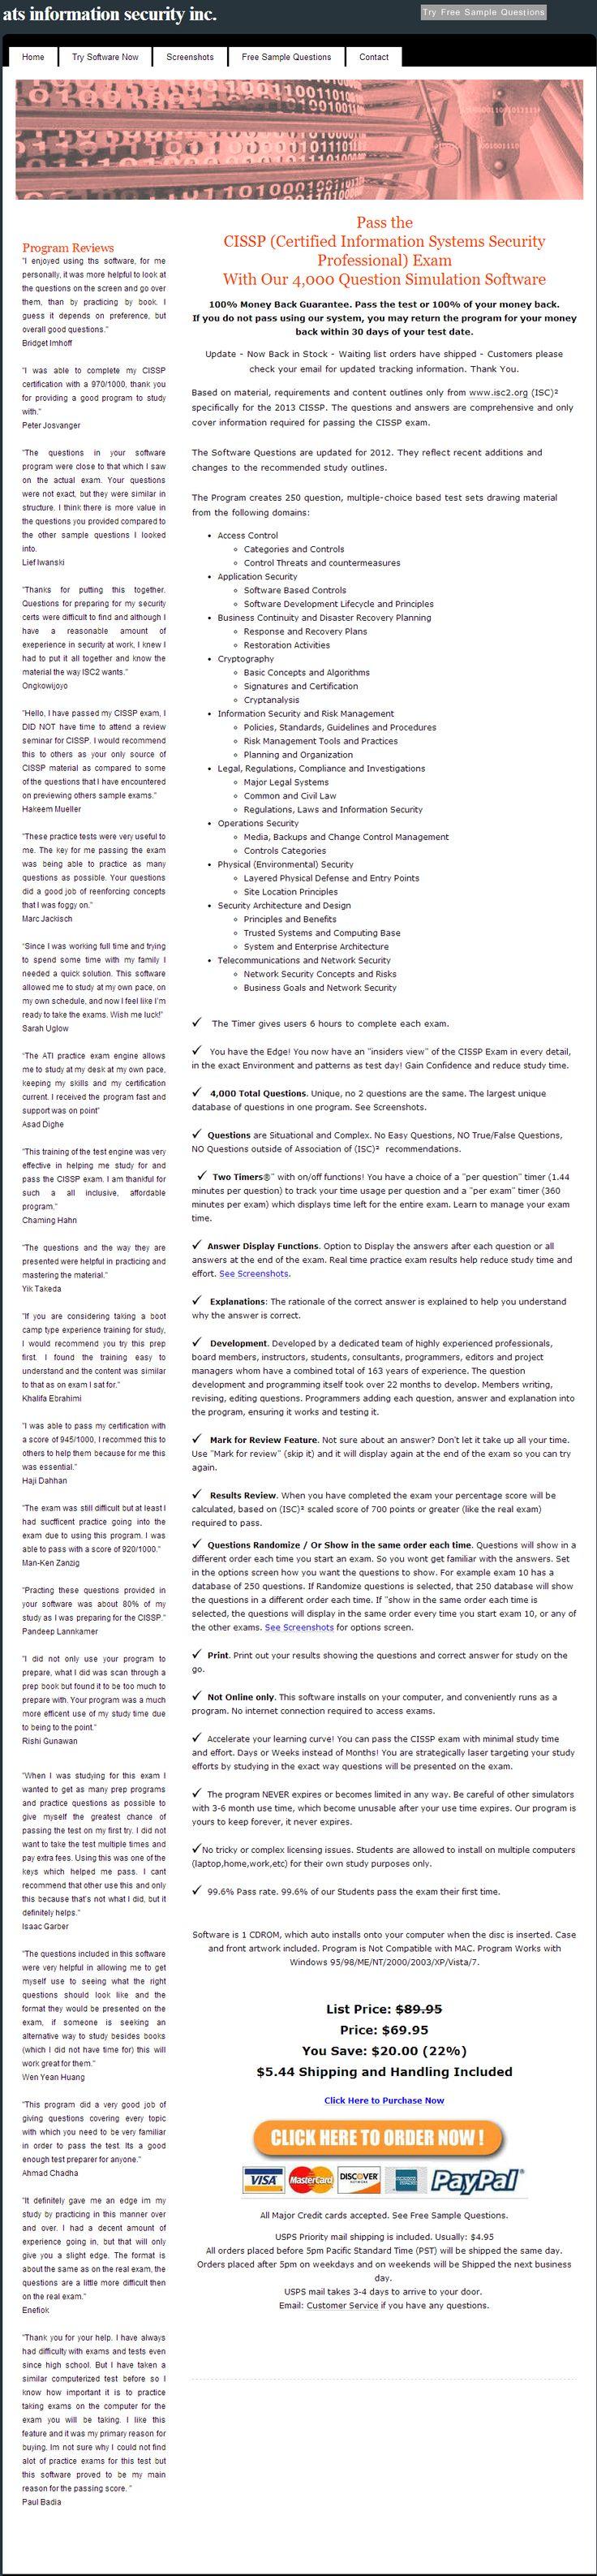 Cissp exam, cissp test, cissp practice exam, cissp study, cissp exam prep, cissp study guide, shon harris cissp, cissp boot camp, cissp book, cissp exam questions --> www.ioinfosecurity.com